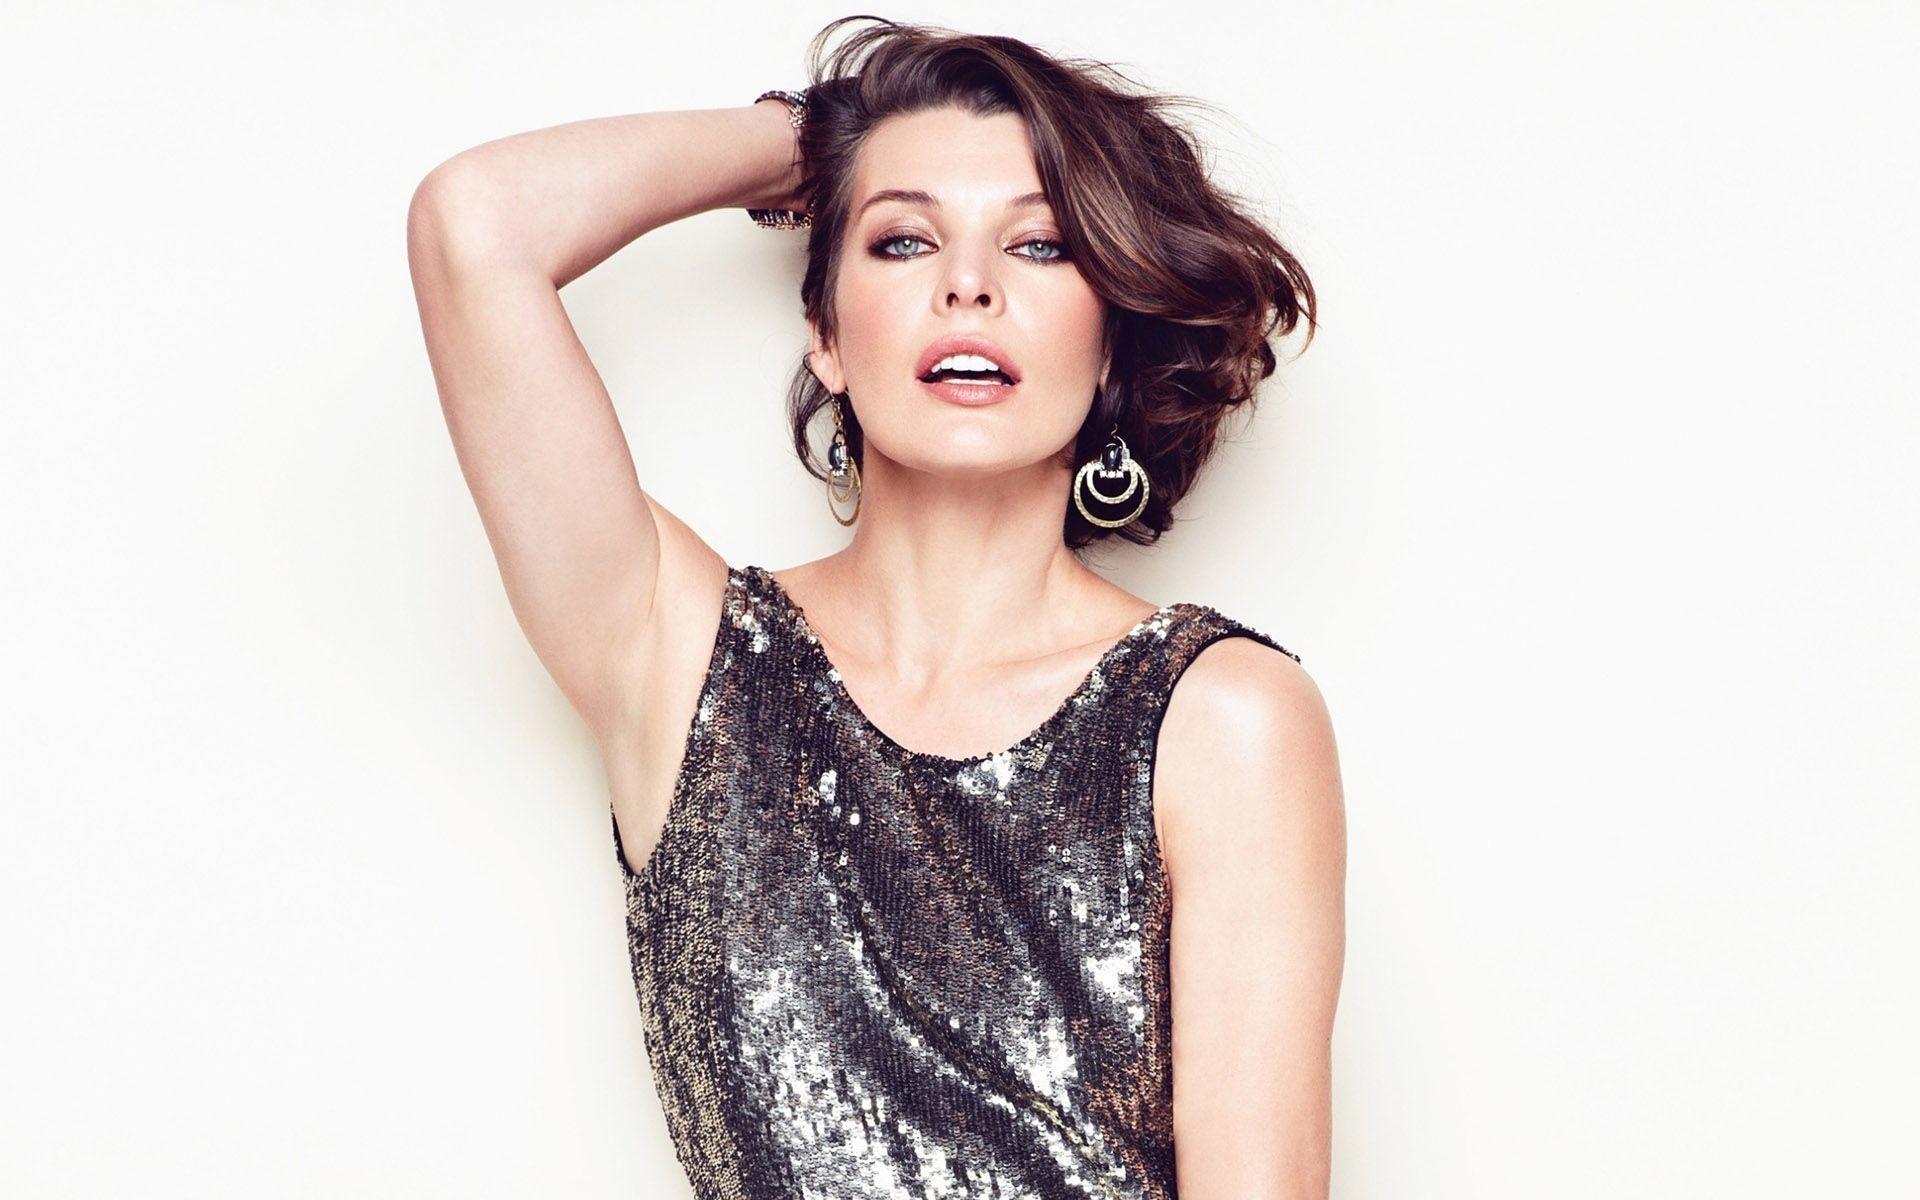 Milla Jovovich 2015